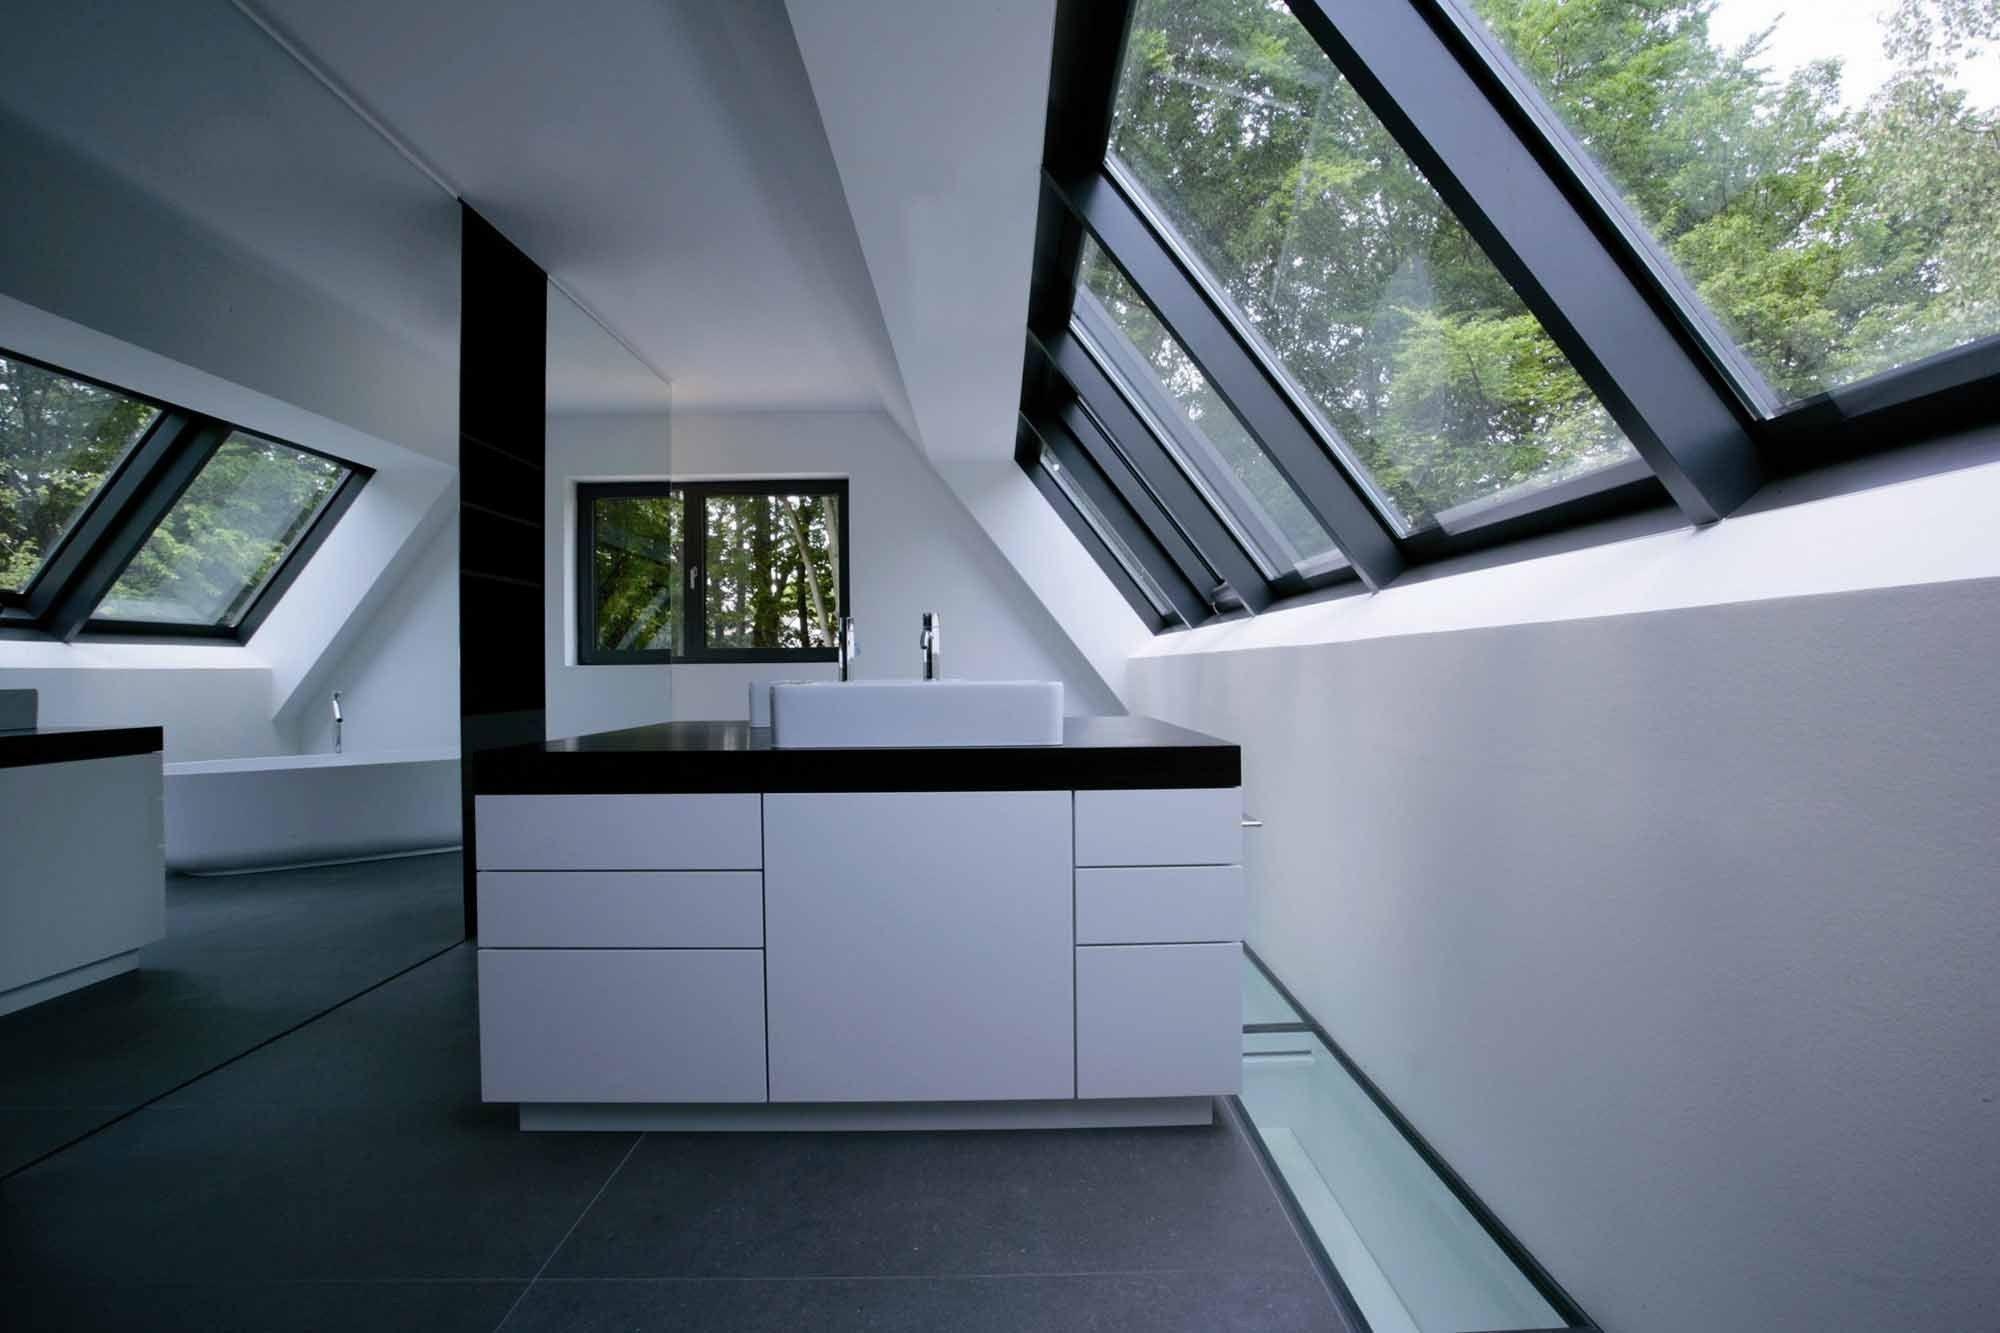 Einfache Häuser Mit Satteldächern Prägen Siedlungsstruktur Am Hardtwald In Bad Homburg Architekt Wolfgang Ott